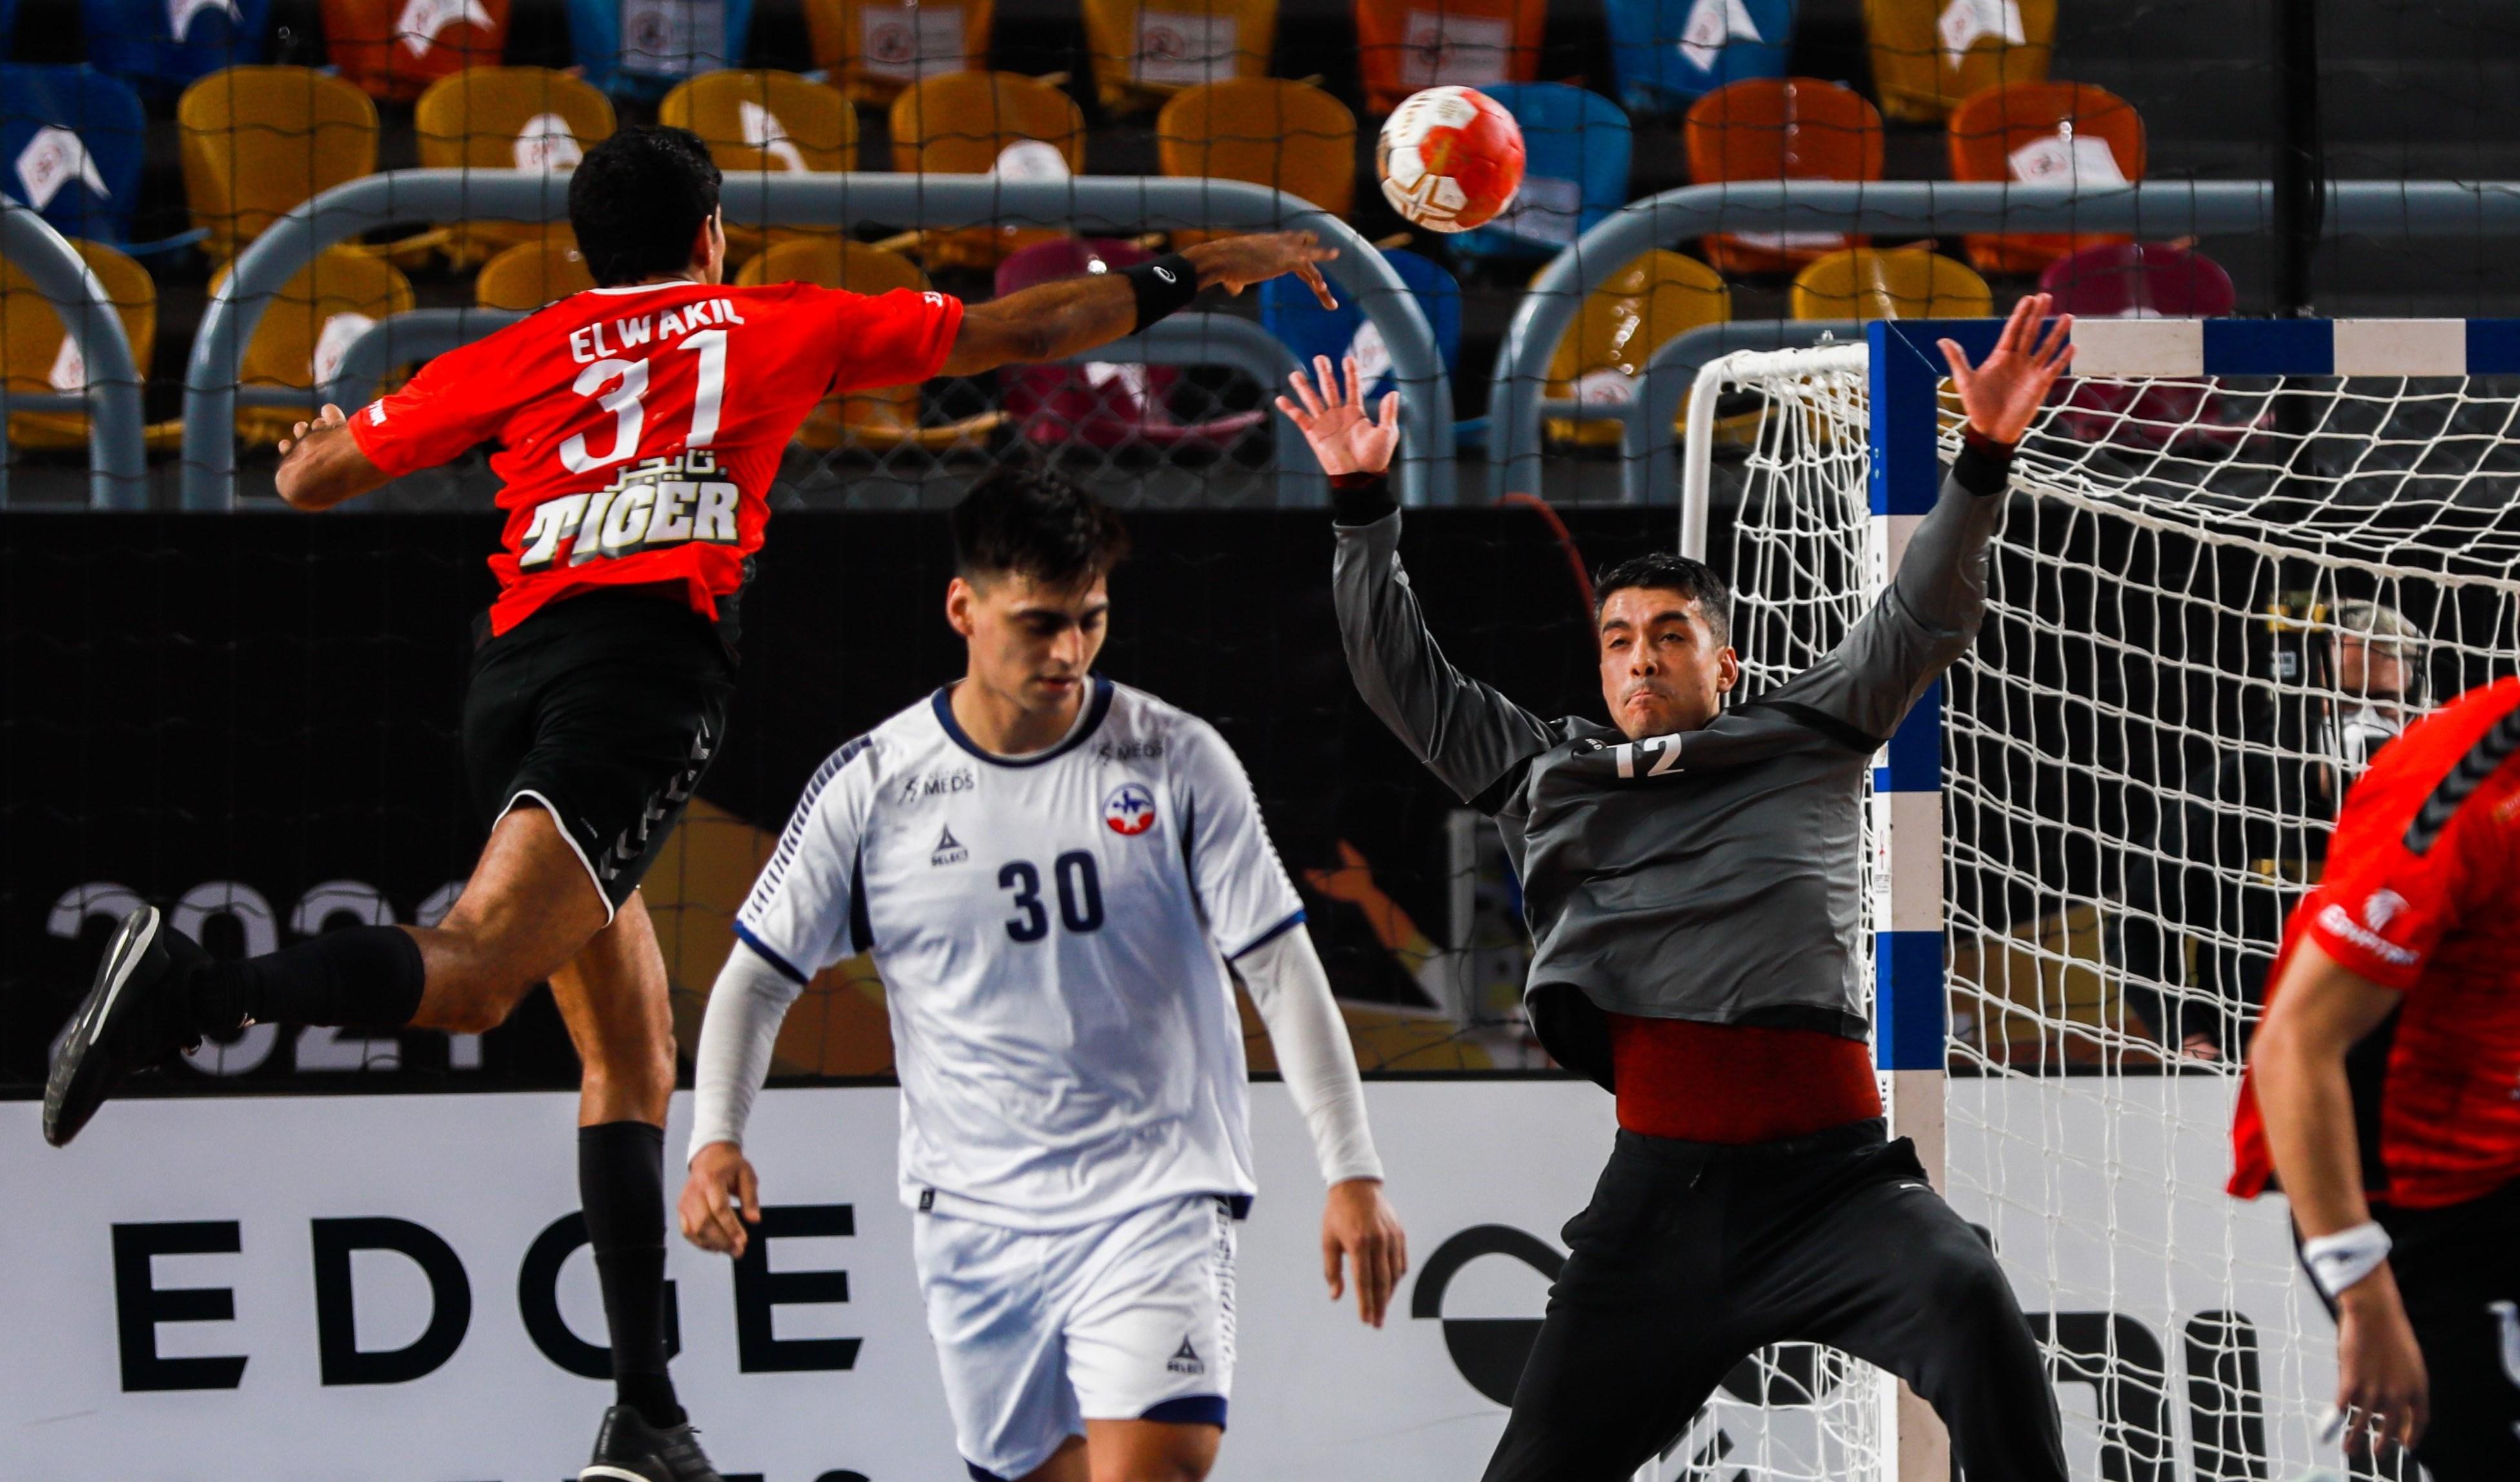 مونديال كرة اليد: مصر تفتح البطولة بانتصار